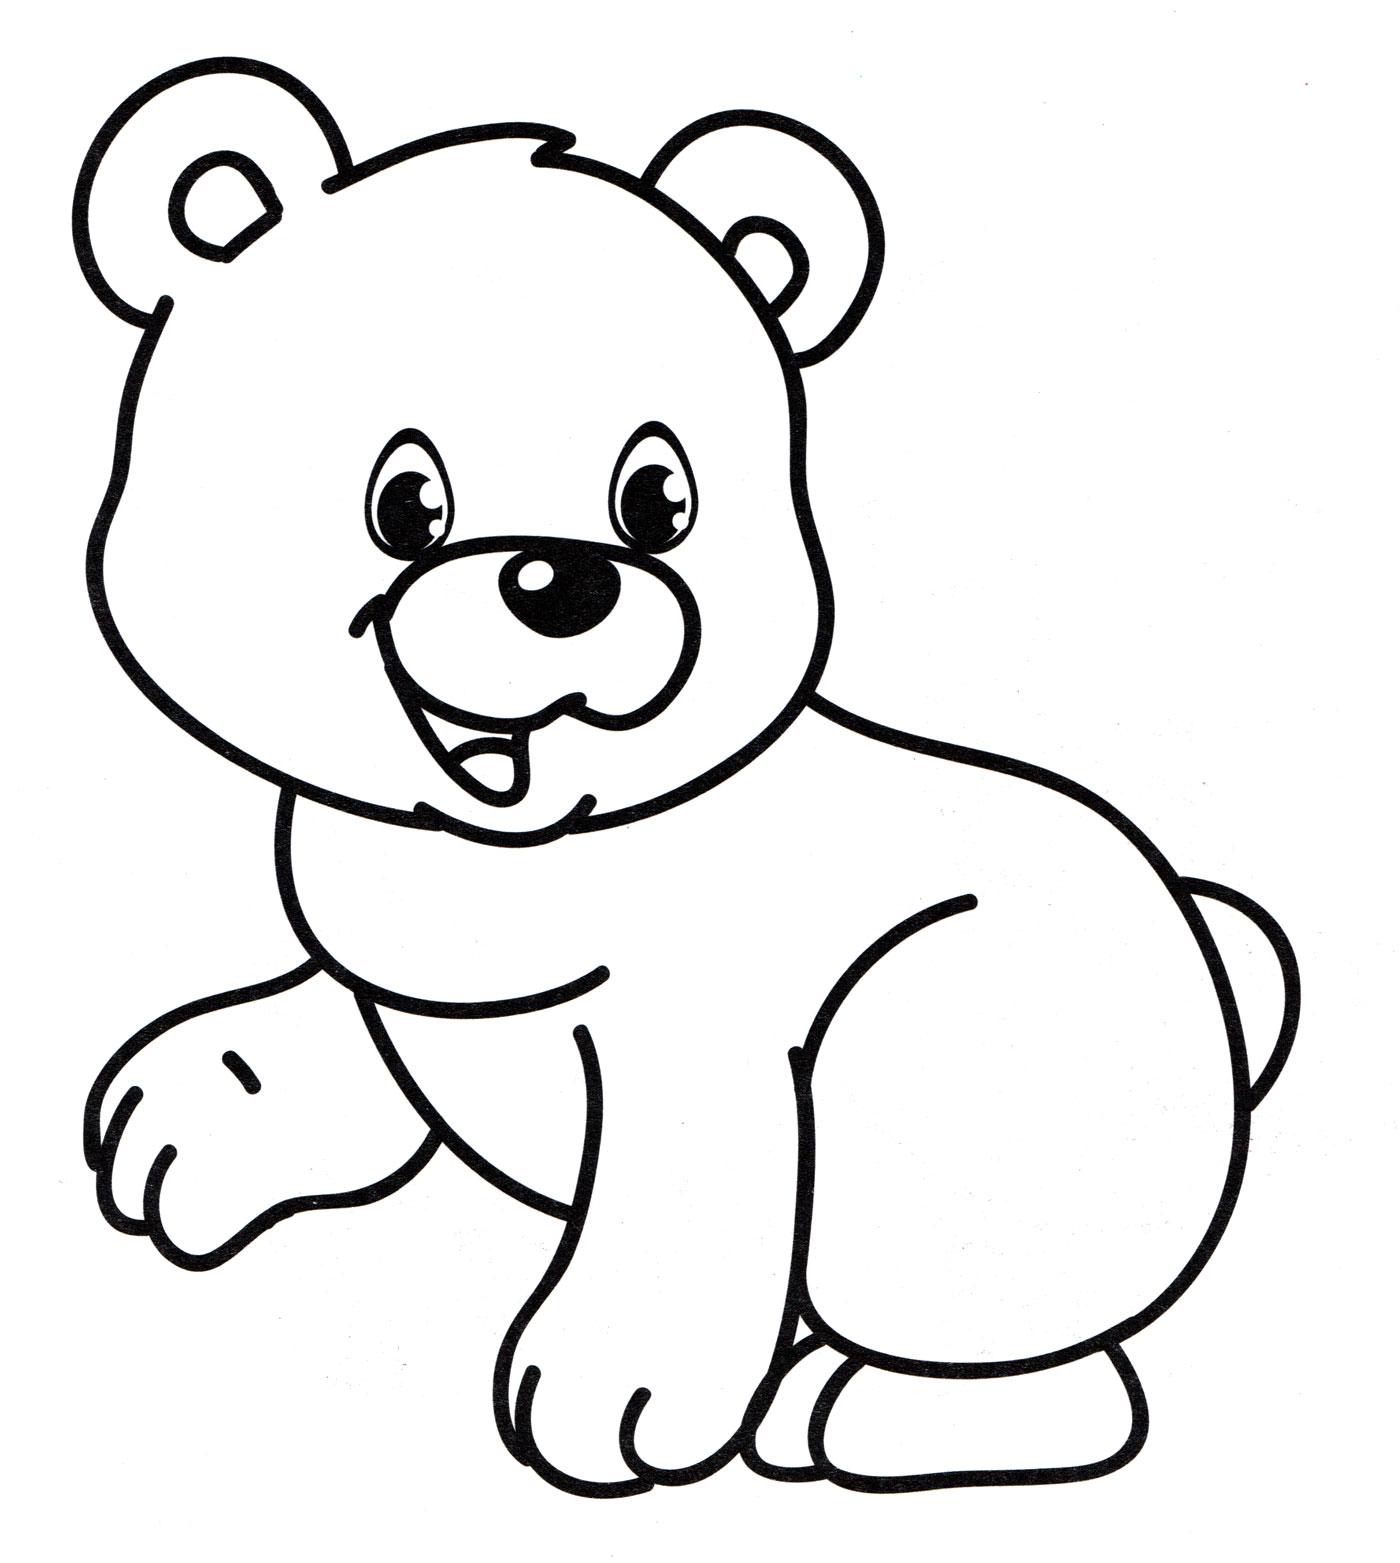 аризона рисунок медведя для раскрашивания кью биография актрисы